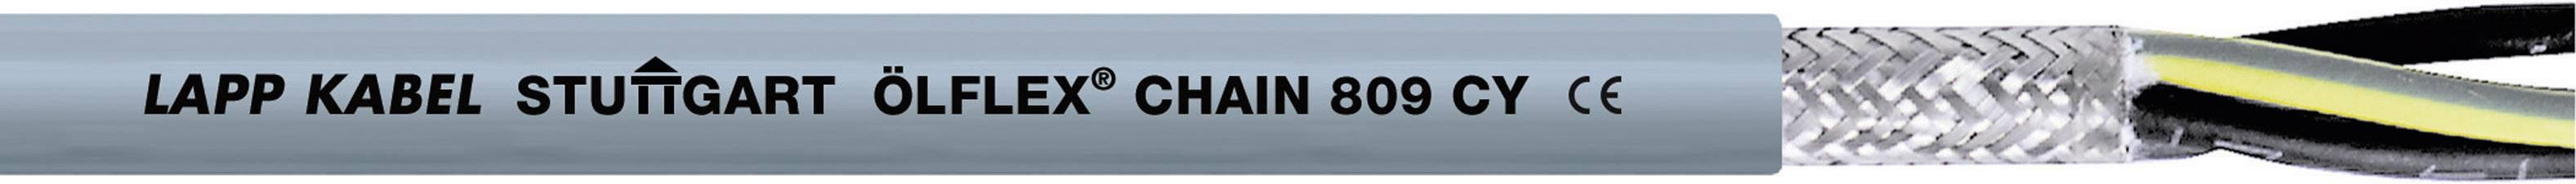 Žíla kabelu LappKabel ÖLFLEX CHAIN 809 CY 2X1,5 (1026775), 2x 1,5 mm², PVC, Ø 7,1 mm, stíněný, 100 m, šedá